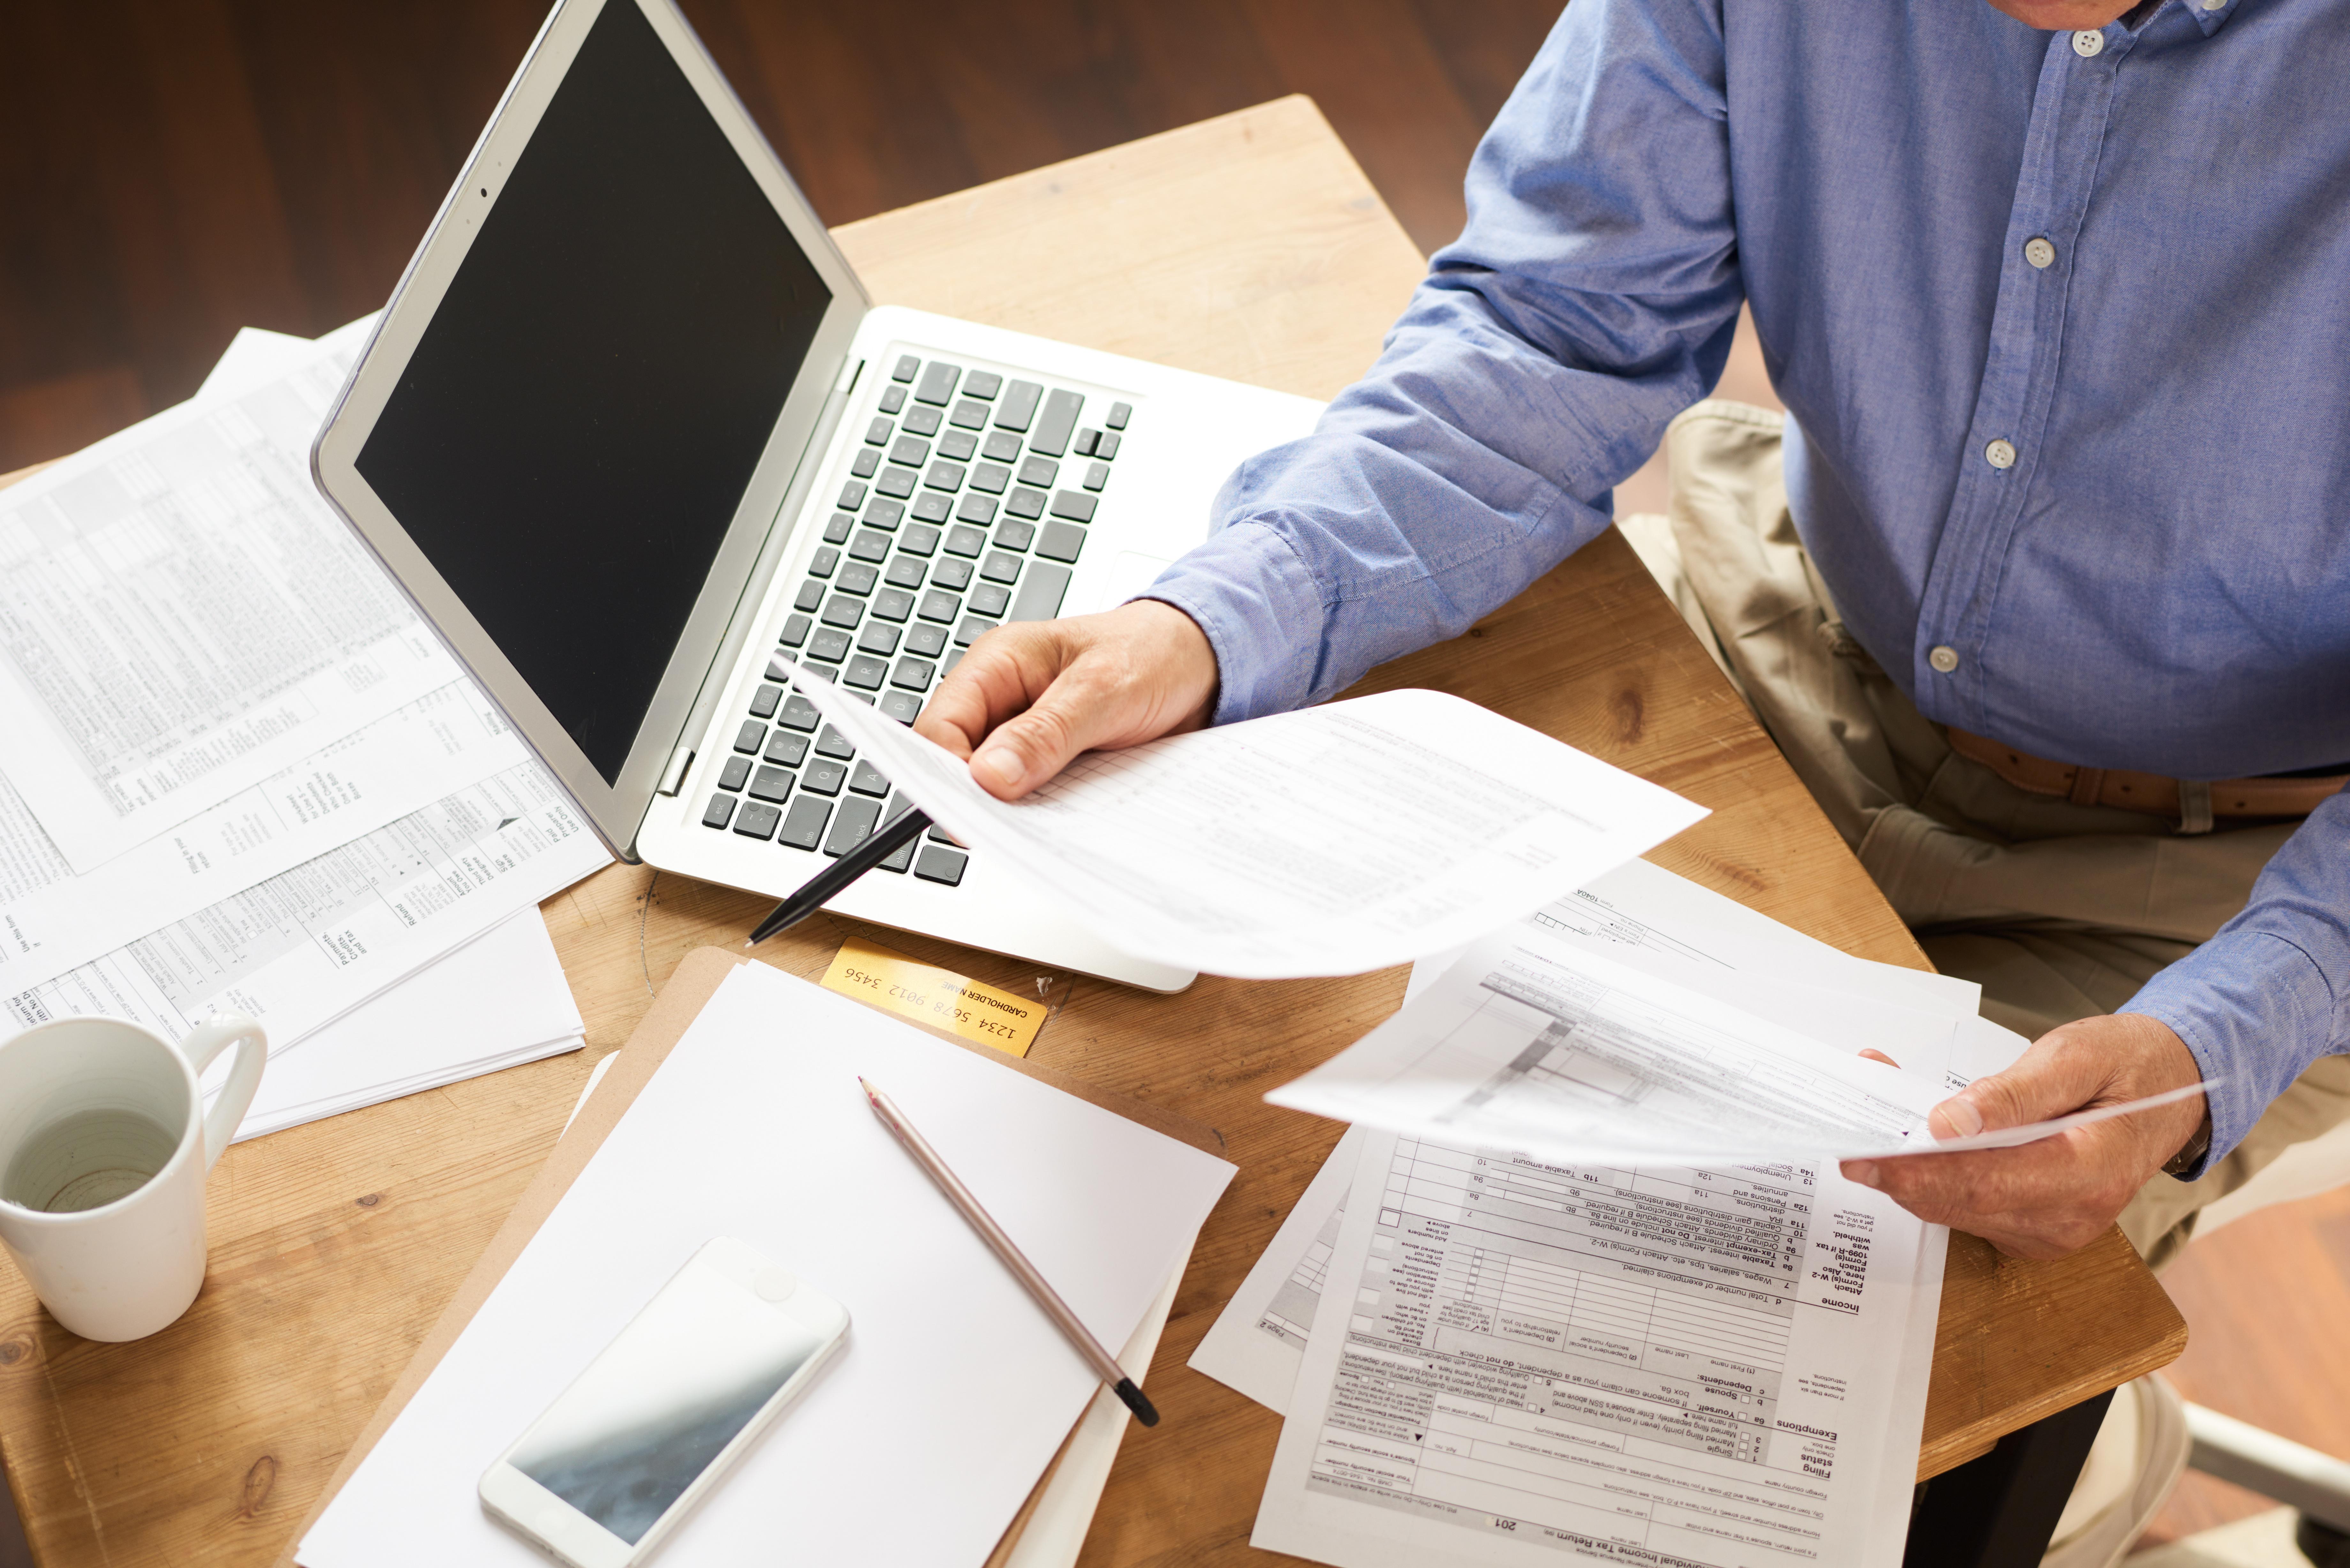 Ein älterer Mann sitzt an einem kleinen Tisch, auf dem ein Notebook, mehrere Zettel, ein Stift, Kaffeetasse und Smartphone liegen. Die Zettel sieht er aufmerksam durch.